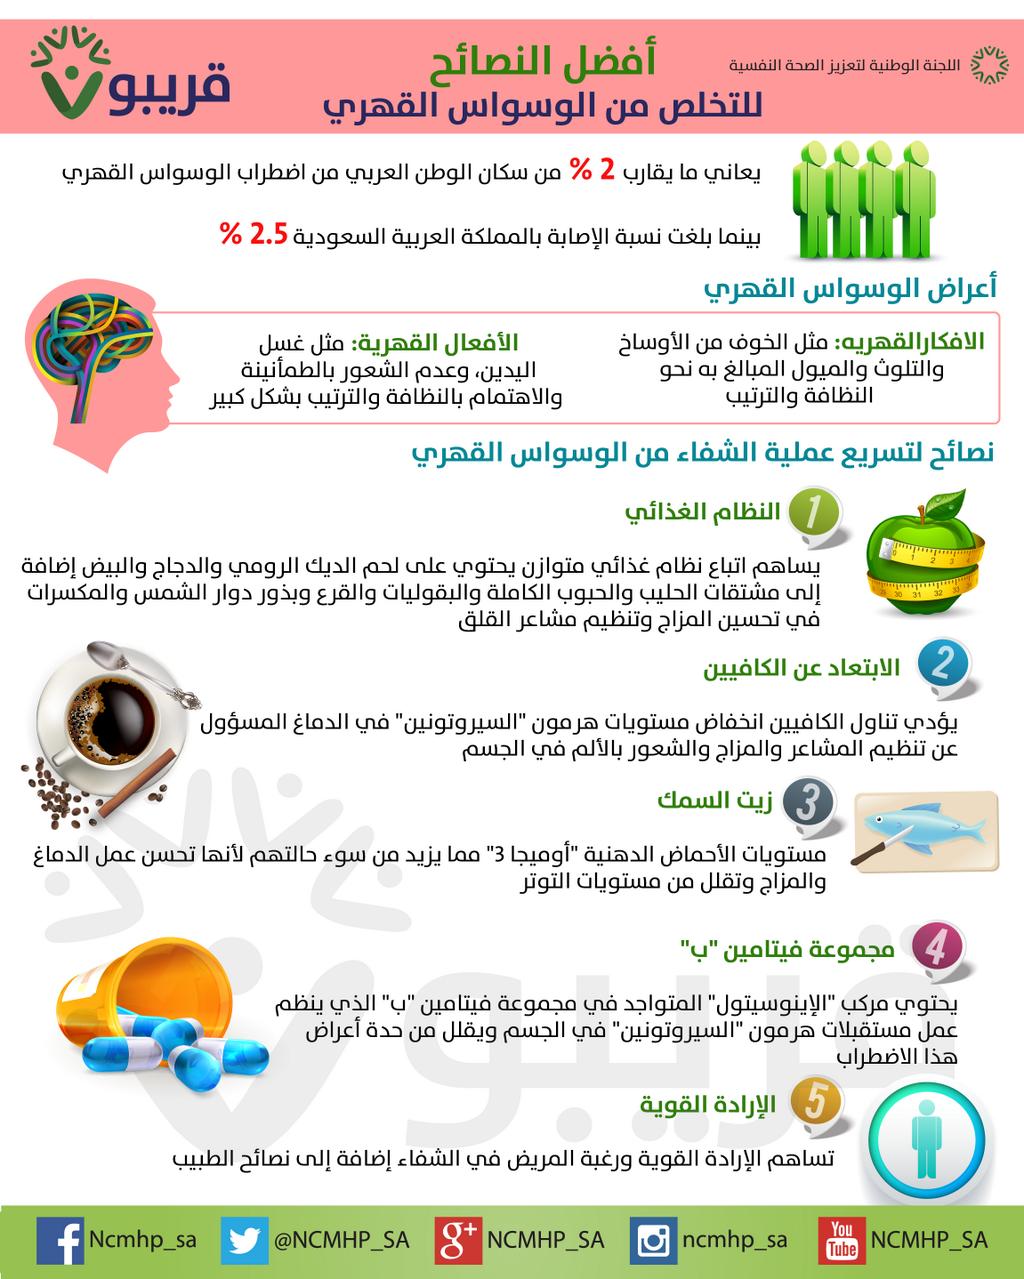 أفضل النصائج للتعامل مع الوسواس القهرى Photo Quotes Positive Notes Infographic